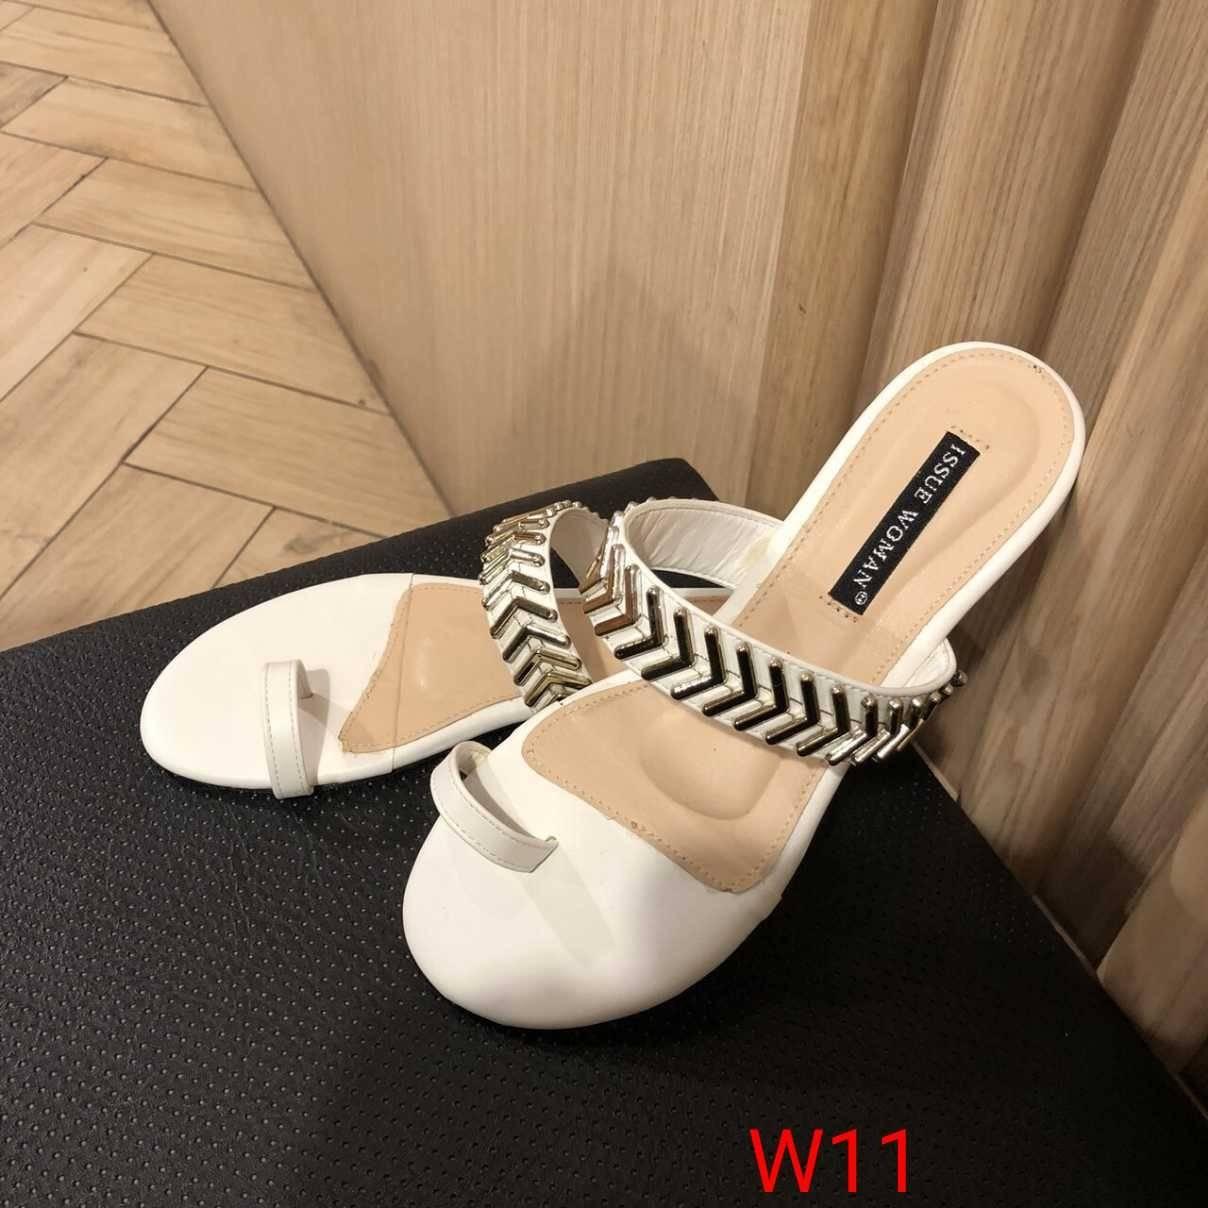 รองเท้าแตะแฟชั่น แบบสวมนิ้วโป้ง แต่งอะไหล่สวยเก๋สไตล์แบรนด์ หนังนิ่ม พื้นนิ่ม วัสดุอย่างดี งานสวย ใส่สบาย แมทสวยได้ทุกชุด